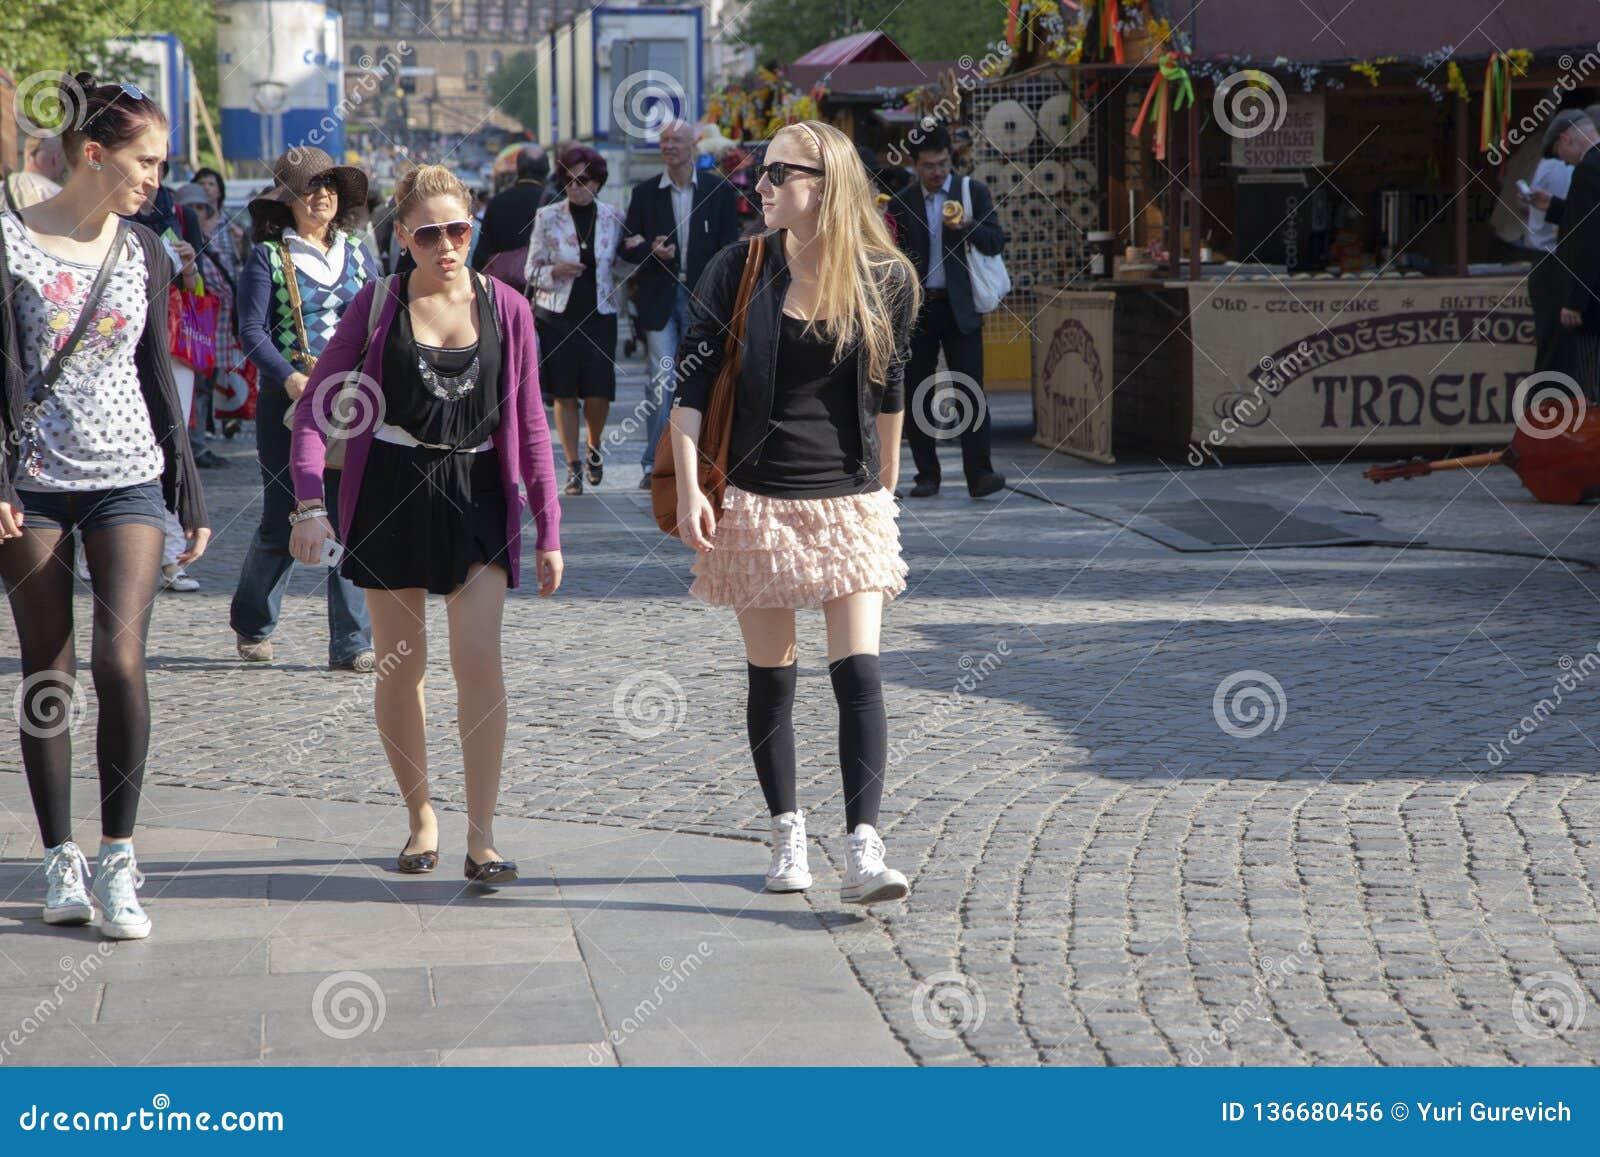 Prague Tjeckien - April 20, 2011: Tre unga stilfulla kvinnor är le och gå ner gatan